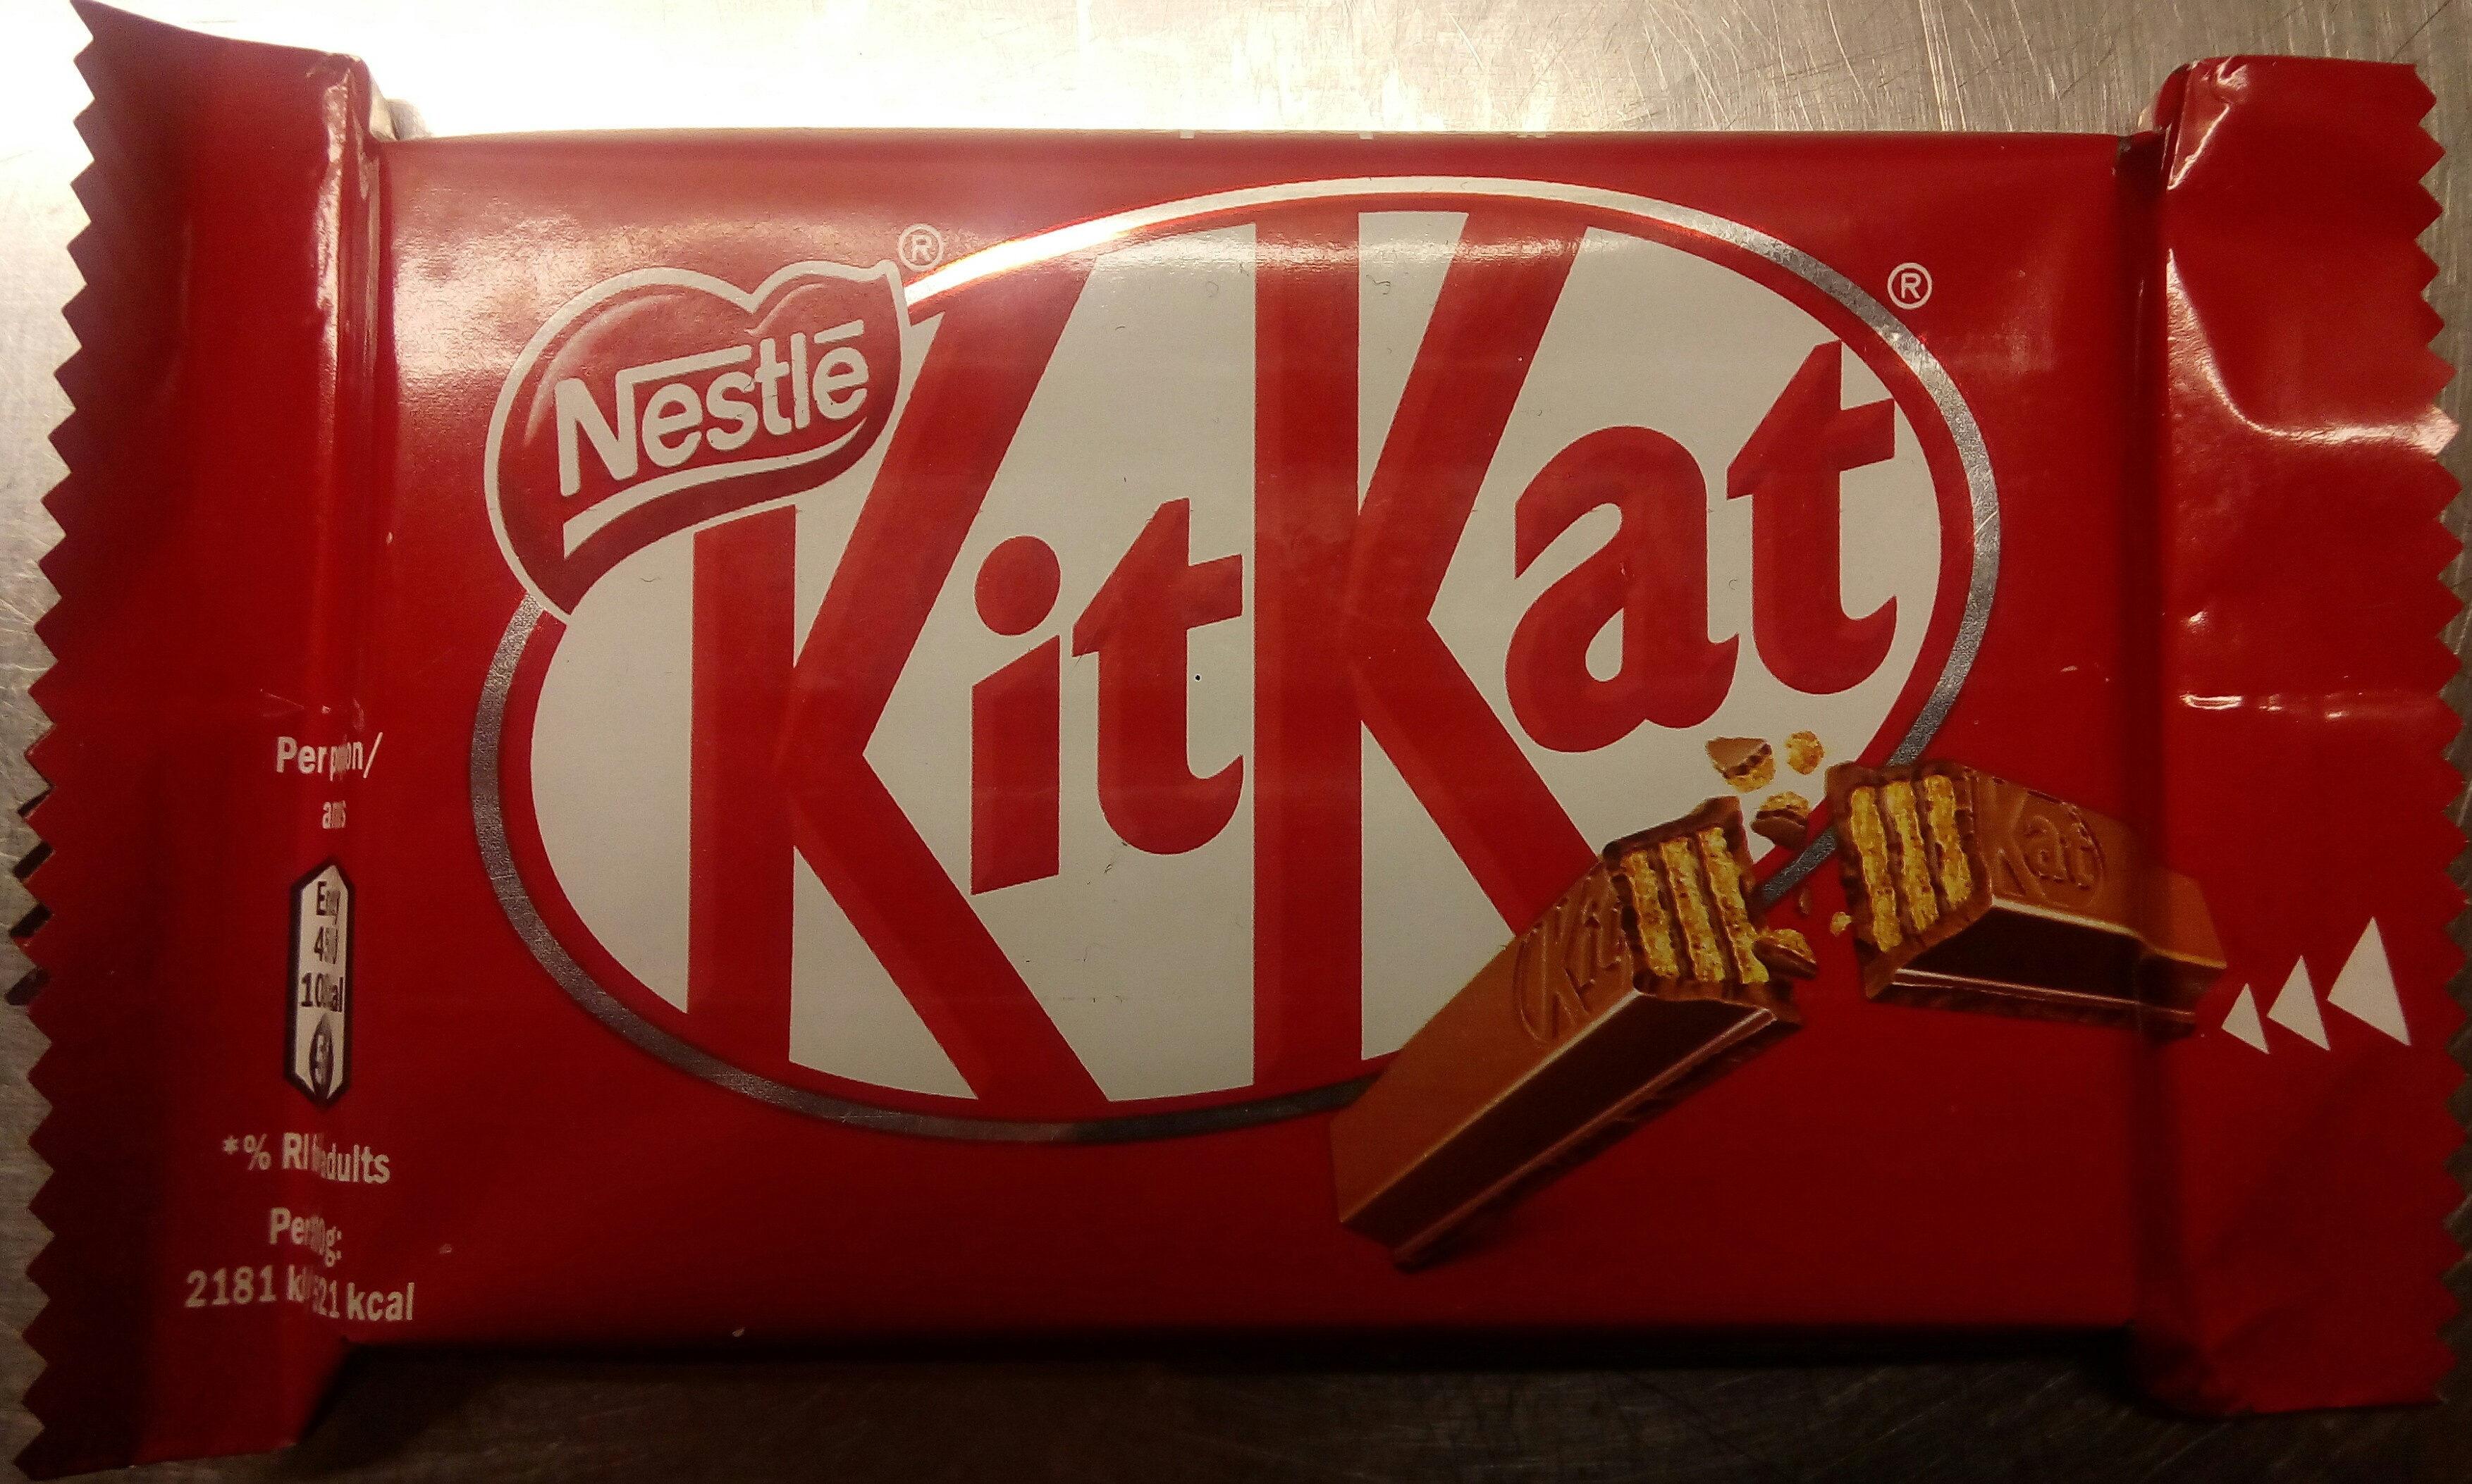 Nestlé KitKat - Product